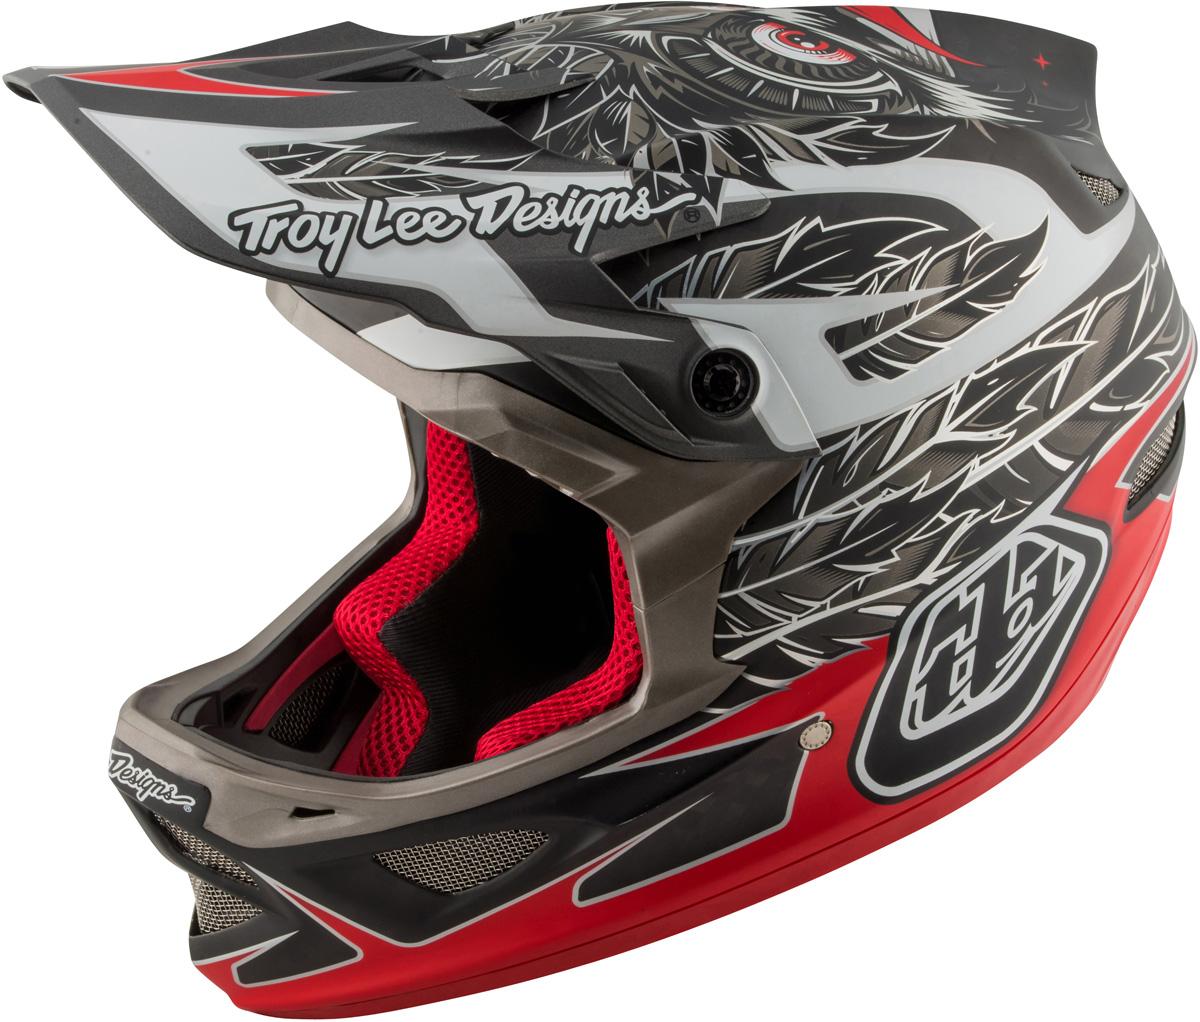 Troy Lee Designs Helmet >> D3 Helmet Nightfall